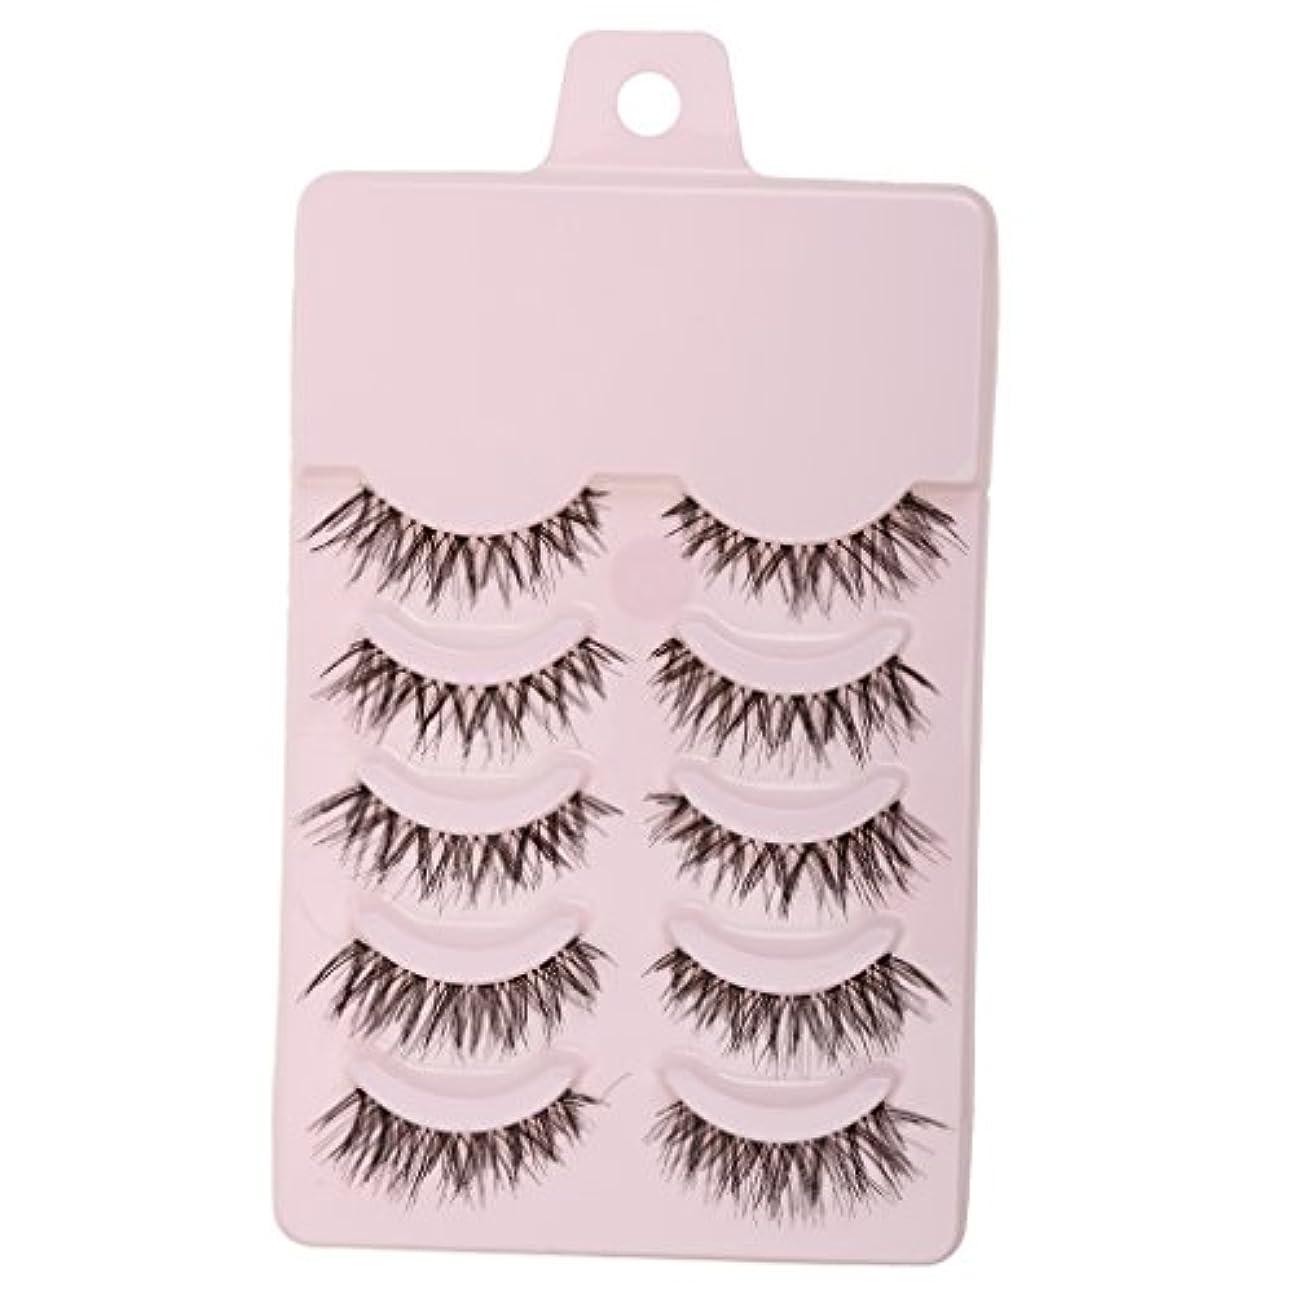 お気に入り店主相関するKOZEEY美容 メイク 手作り メッシー クロス スタイル つけまつげ 5色選ぶ - ピンク